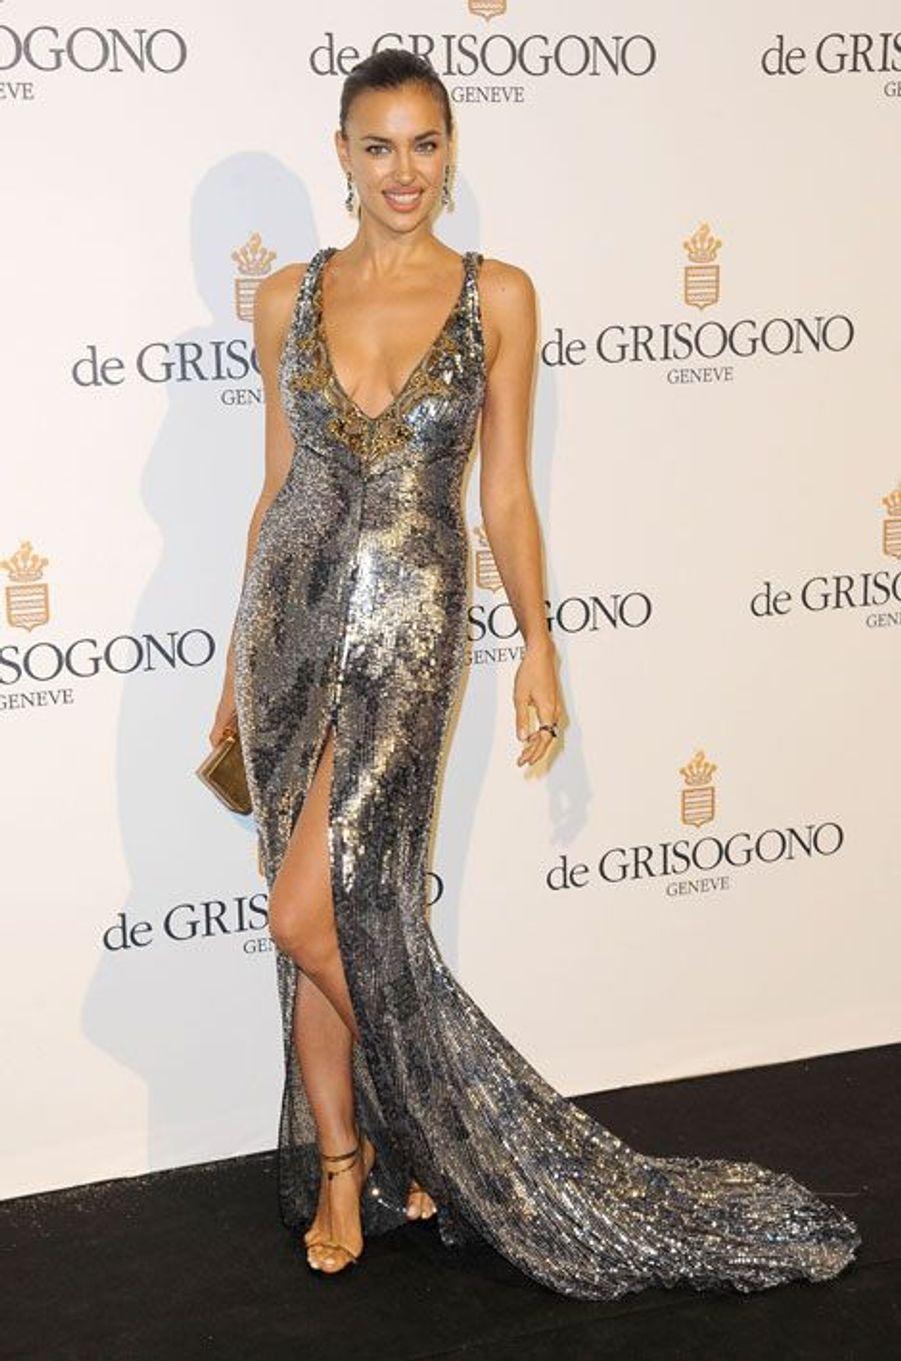 En Emilio Pucci lors d'une soirée organisée par le joaillier De Grisogono à Cannes, le 23 mai 2012